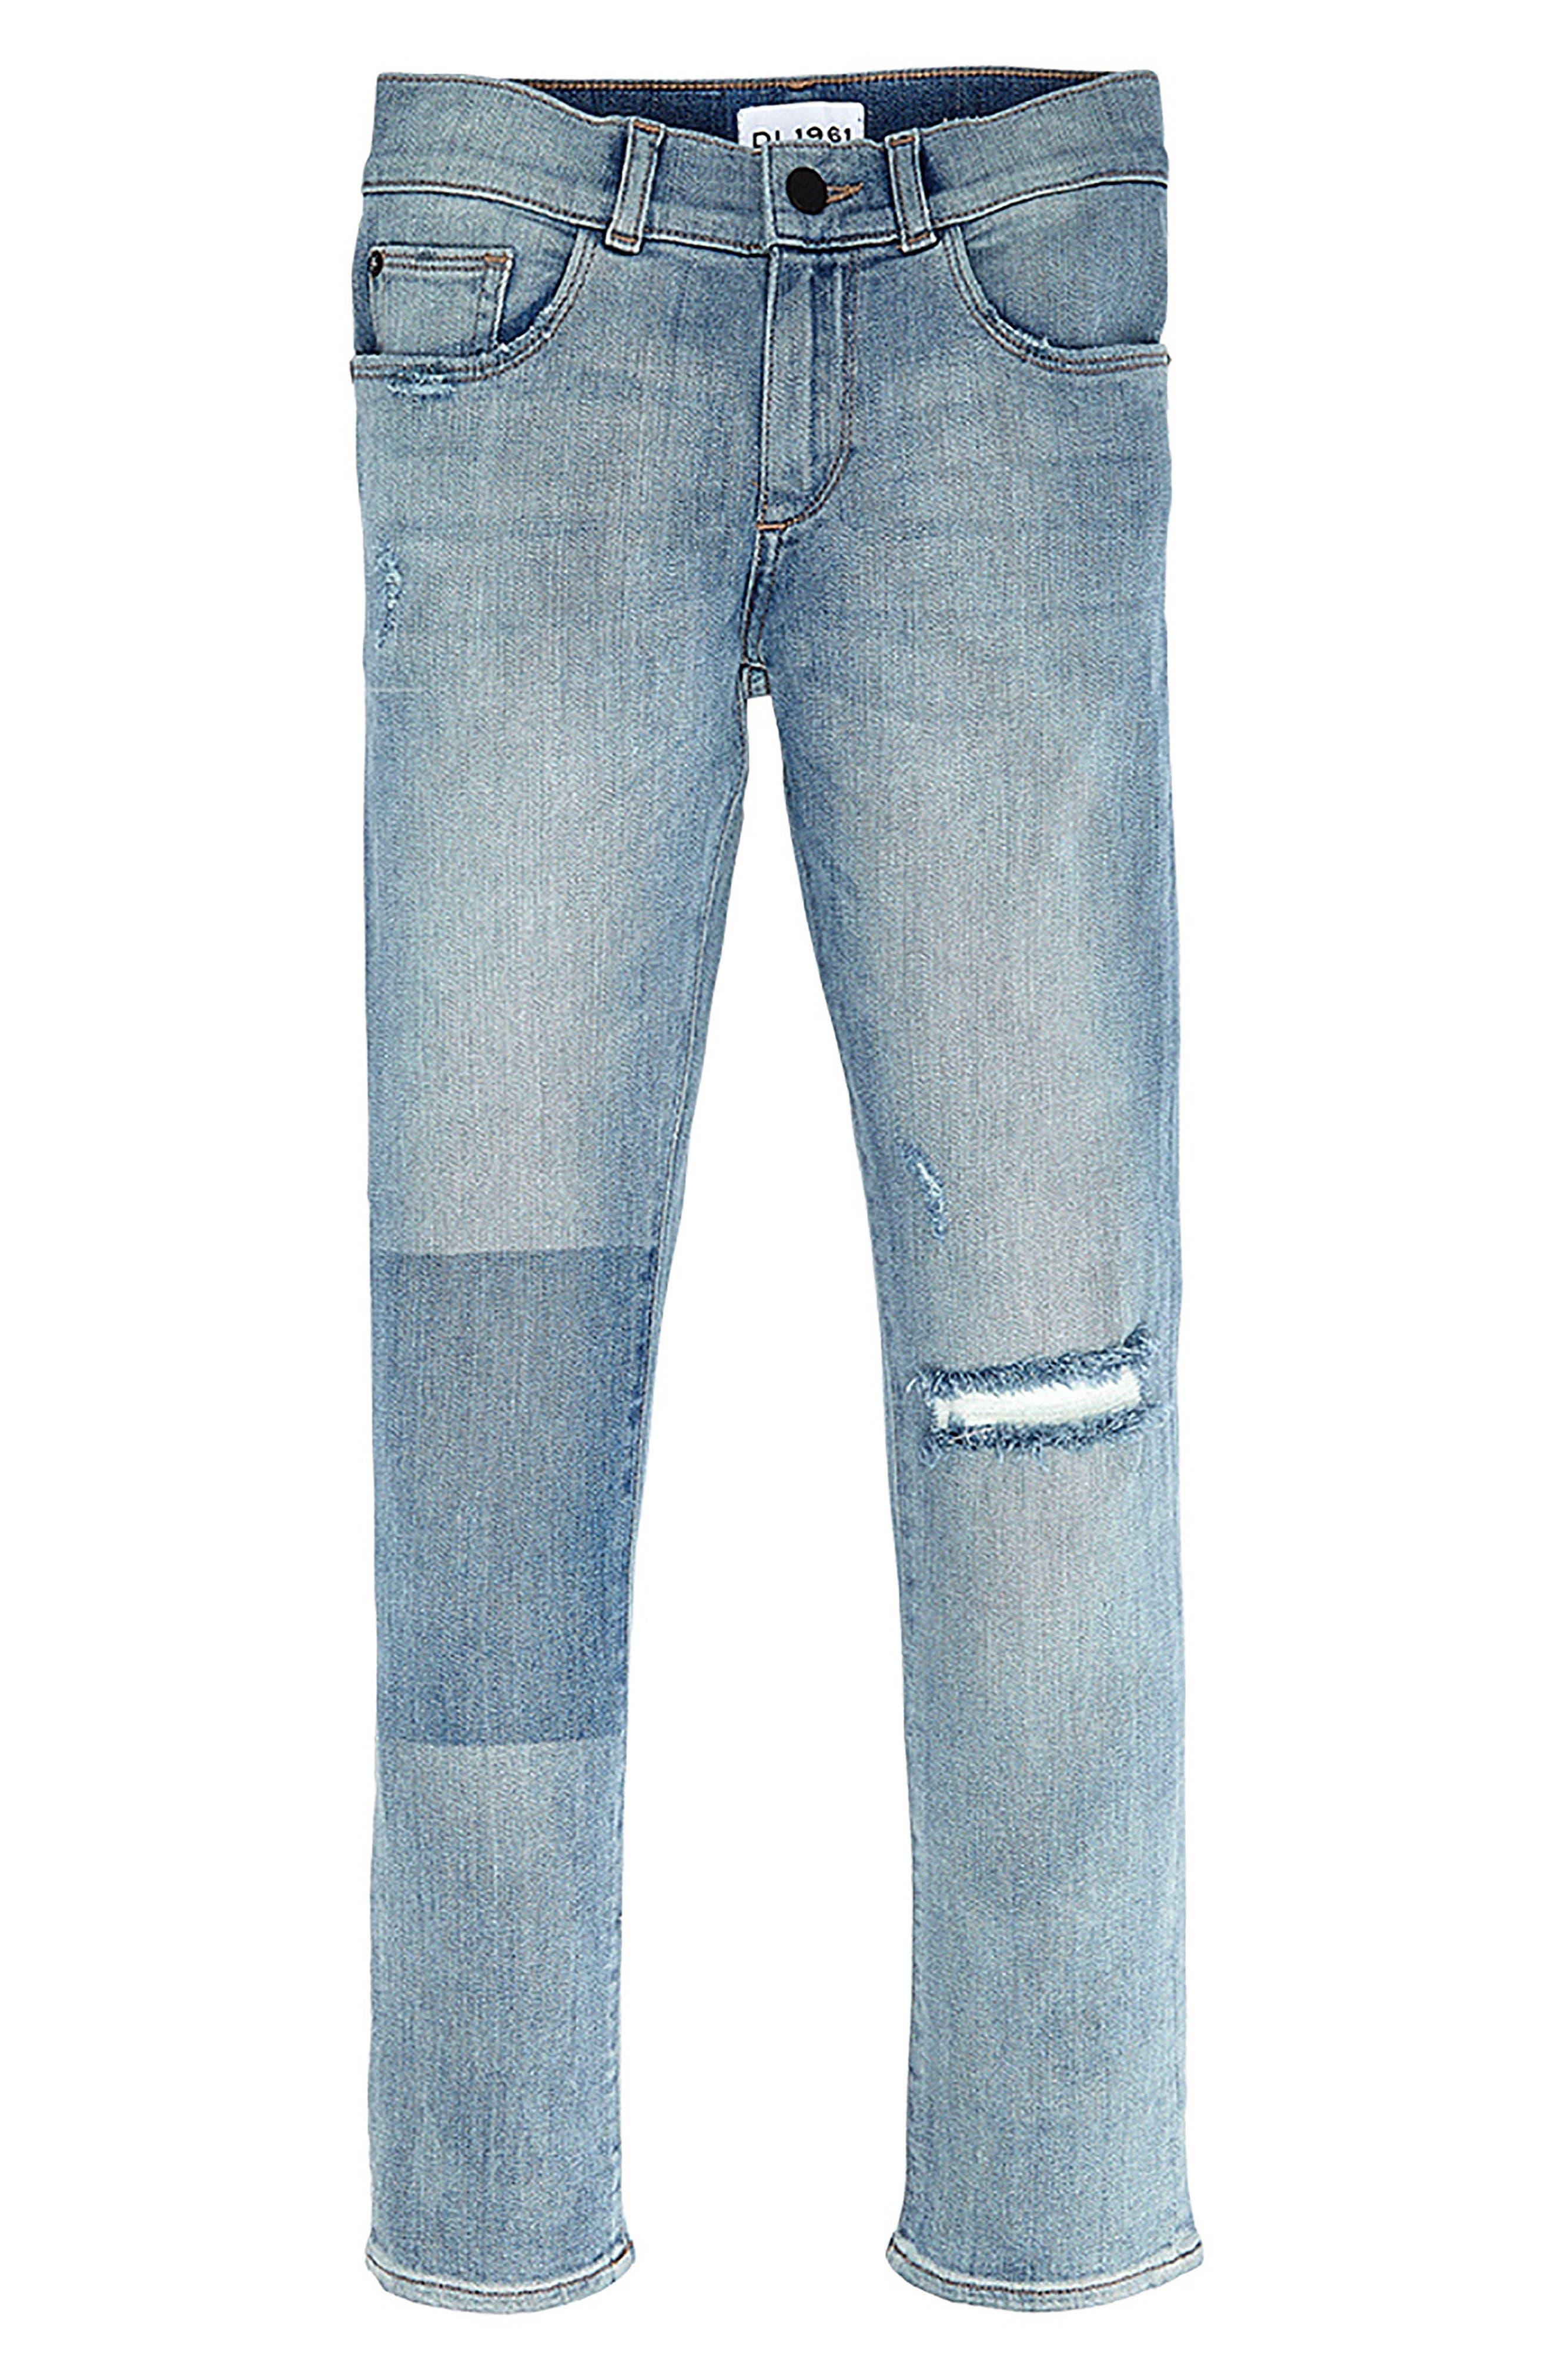 Main Image - DL 1961 Hawke Skinny Jeans (Big Boys)